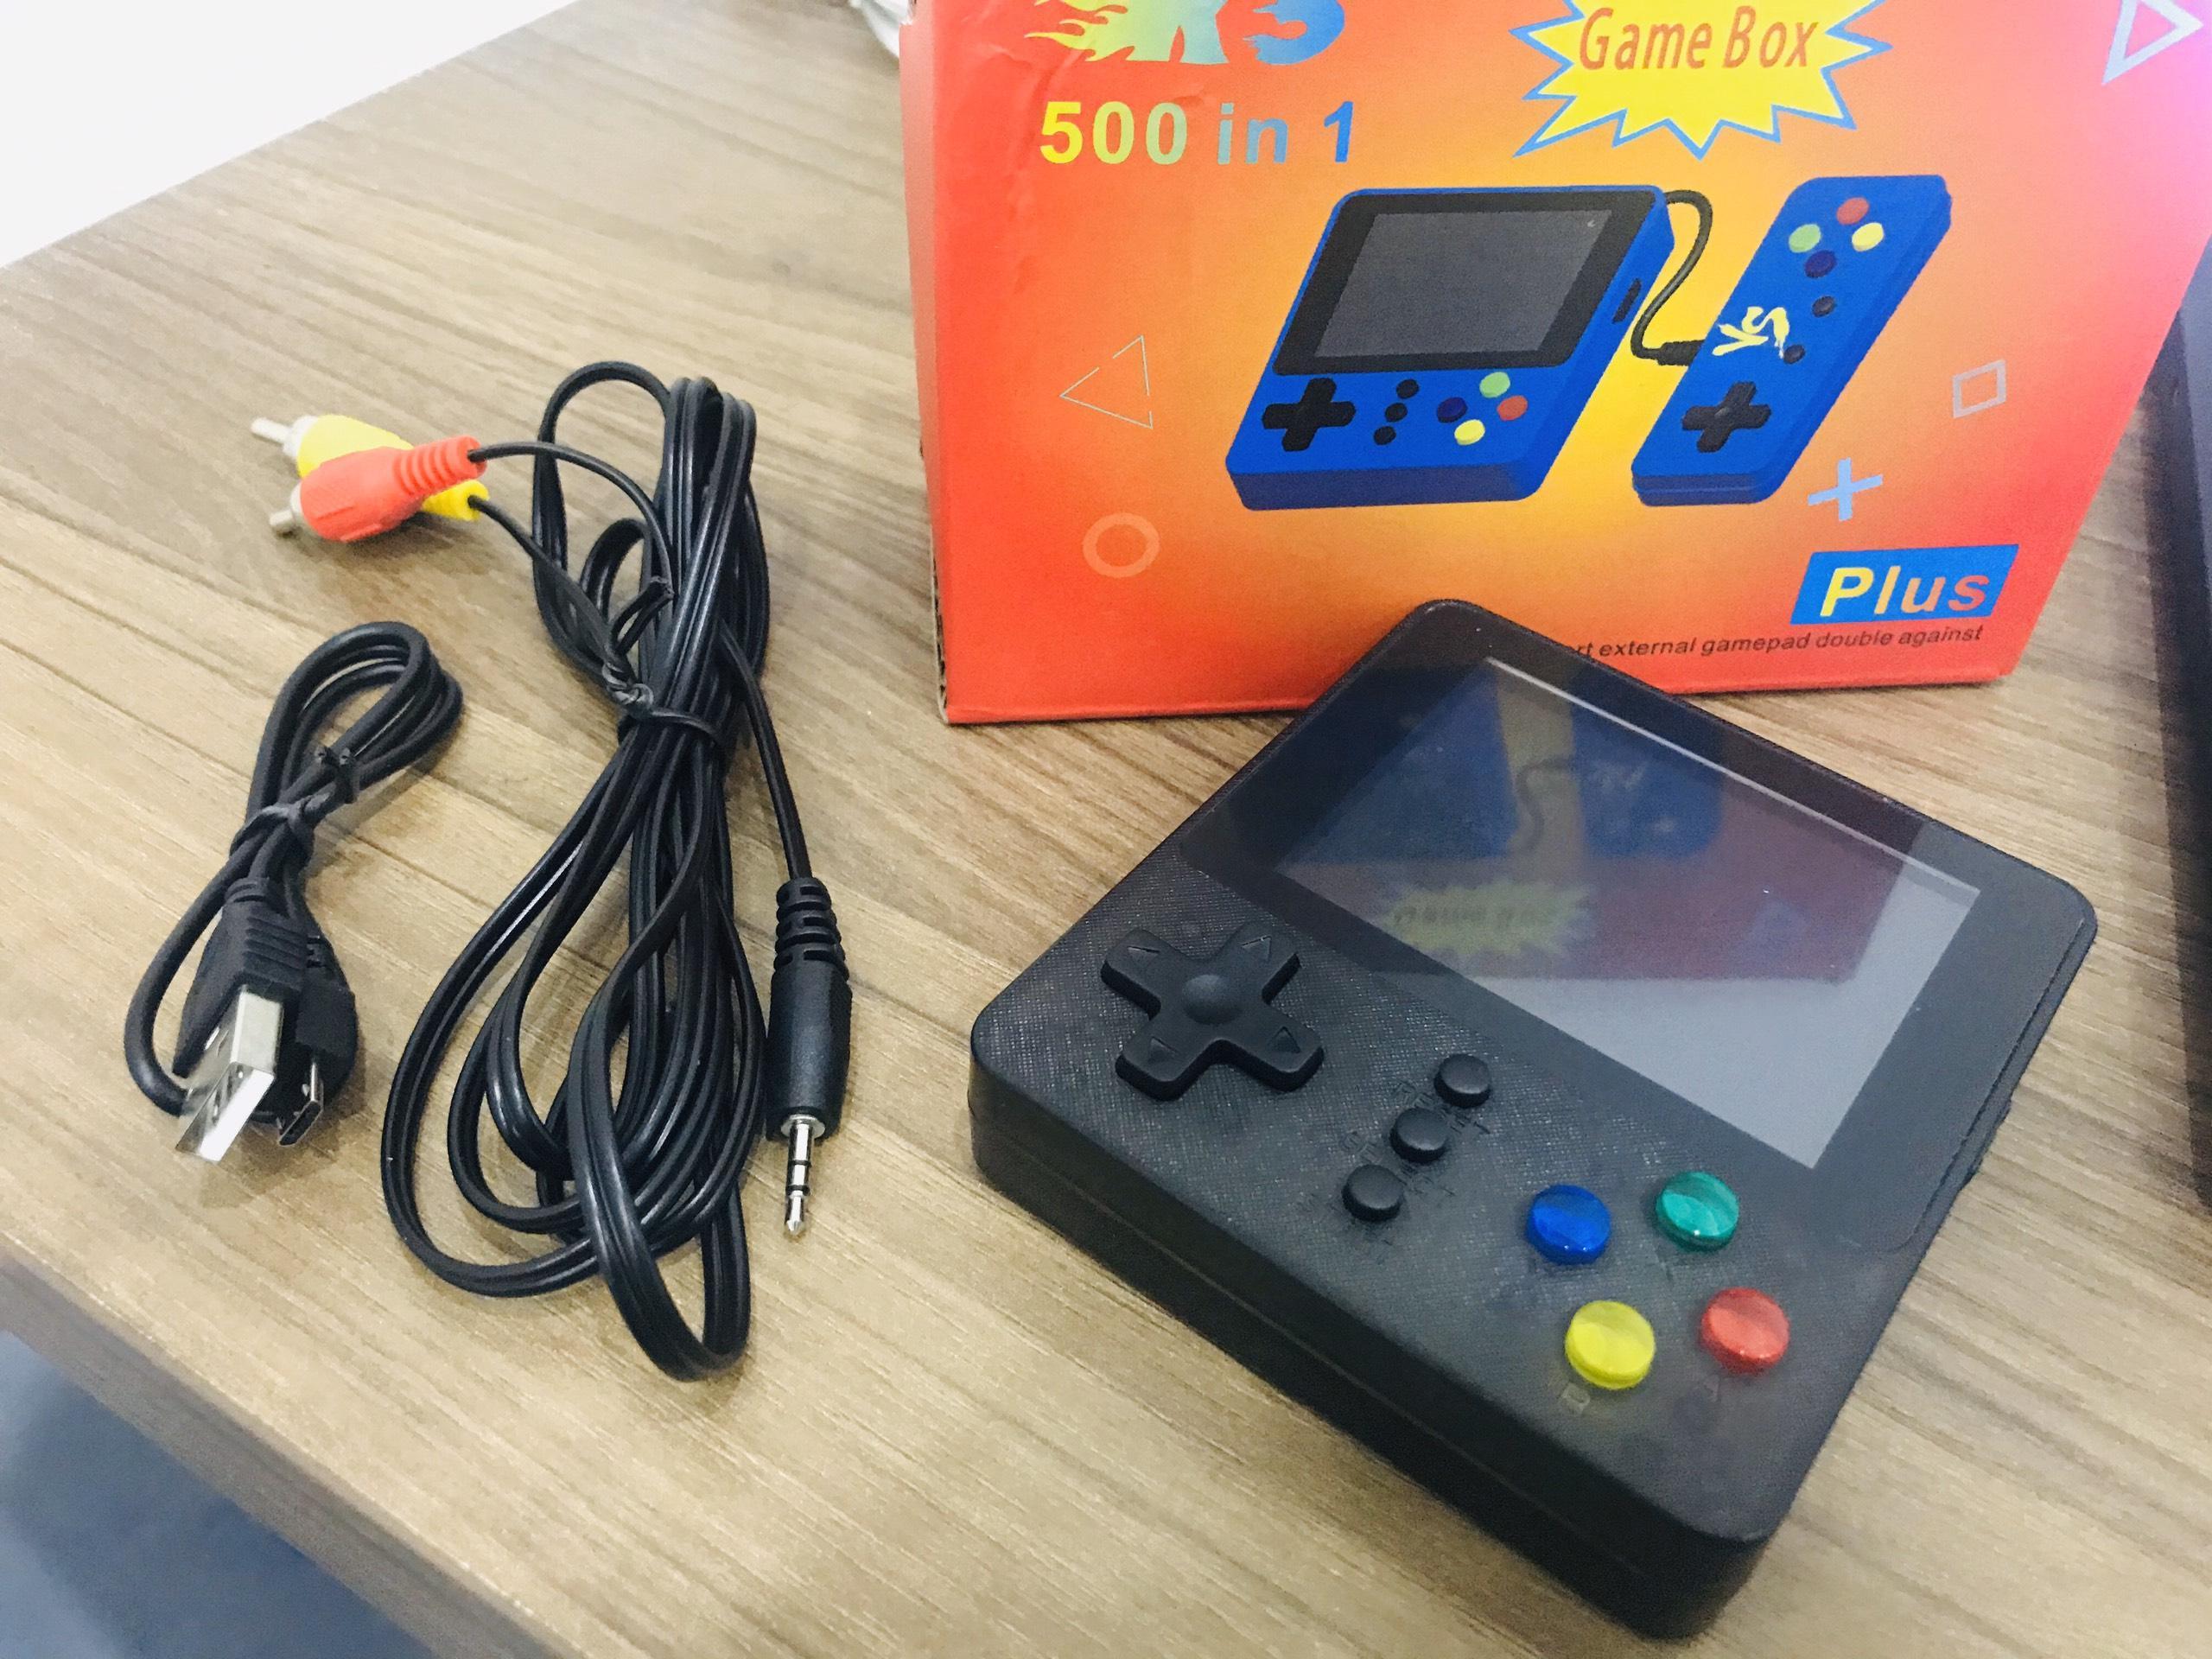 ⭐Máy chơi game cầm tay mini 4 nút sup 500 trò bản nâng cấp sup 400 trò  chơips2ps3ps4nintendo switchminecraftfree fire pubg liên quân giá rẻ cổ  điển có bán tại hà nội